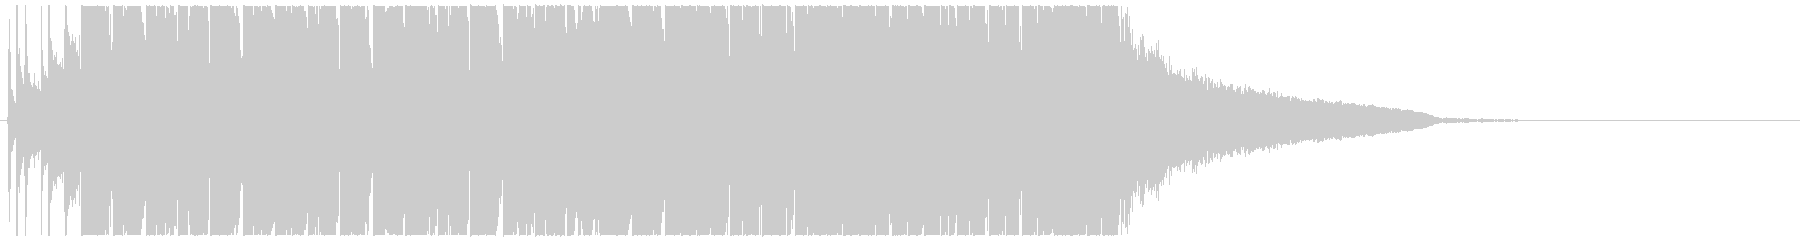 ノリの良いおしゃれなEDM TIKTOKの未再生の波形